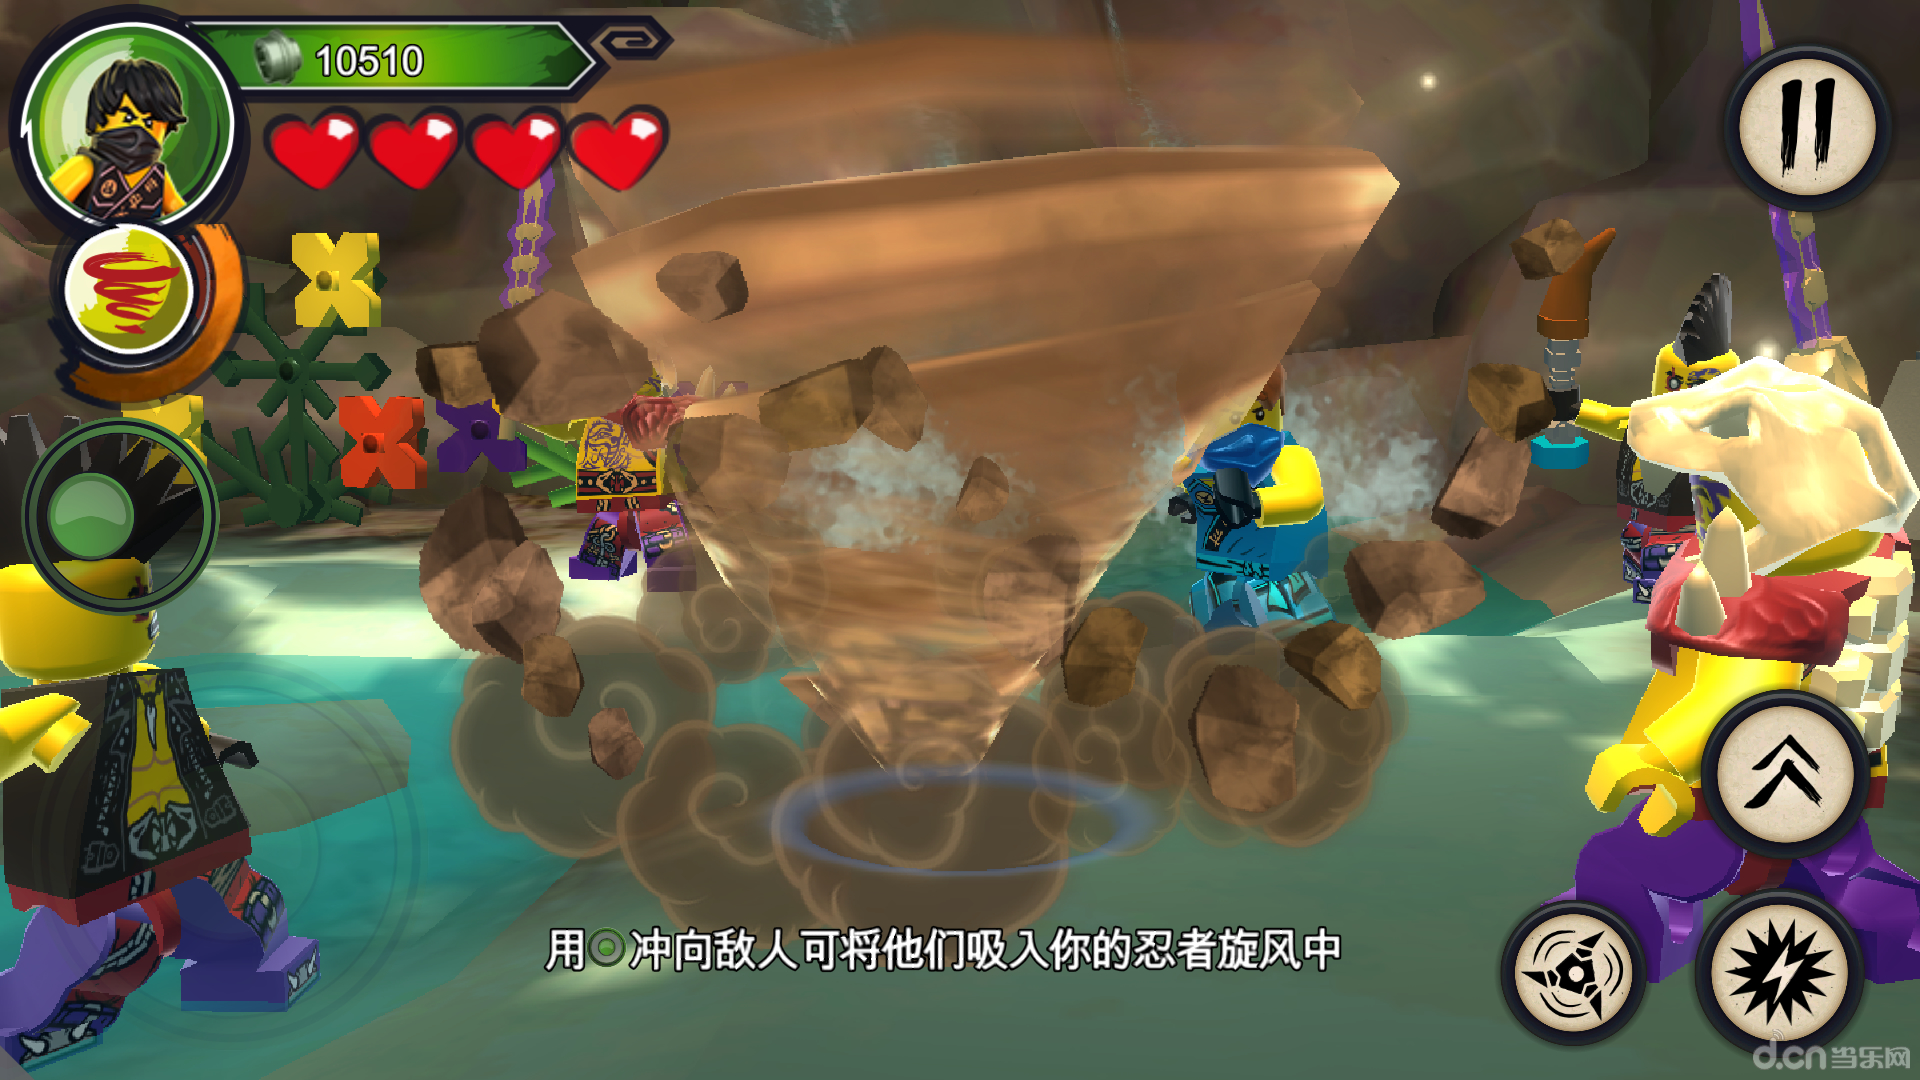 乐高幻影忍者:罗宁的阴影(含数据包)